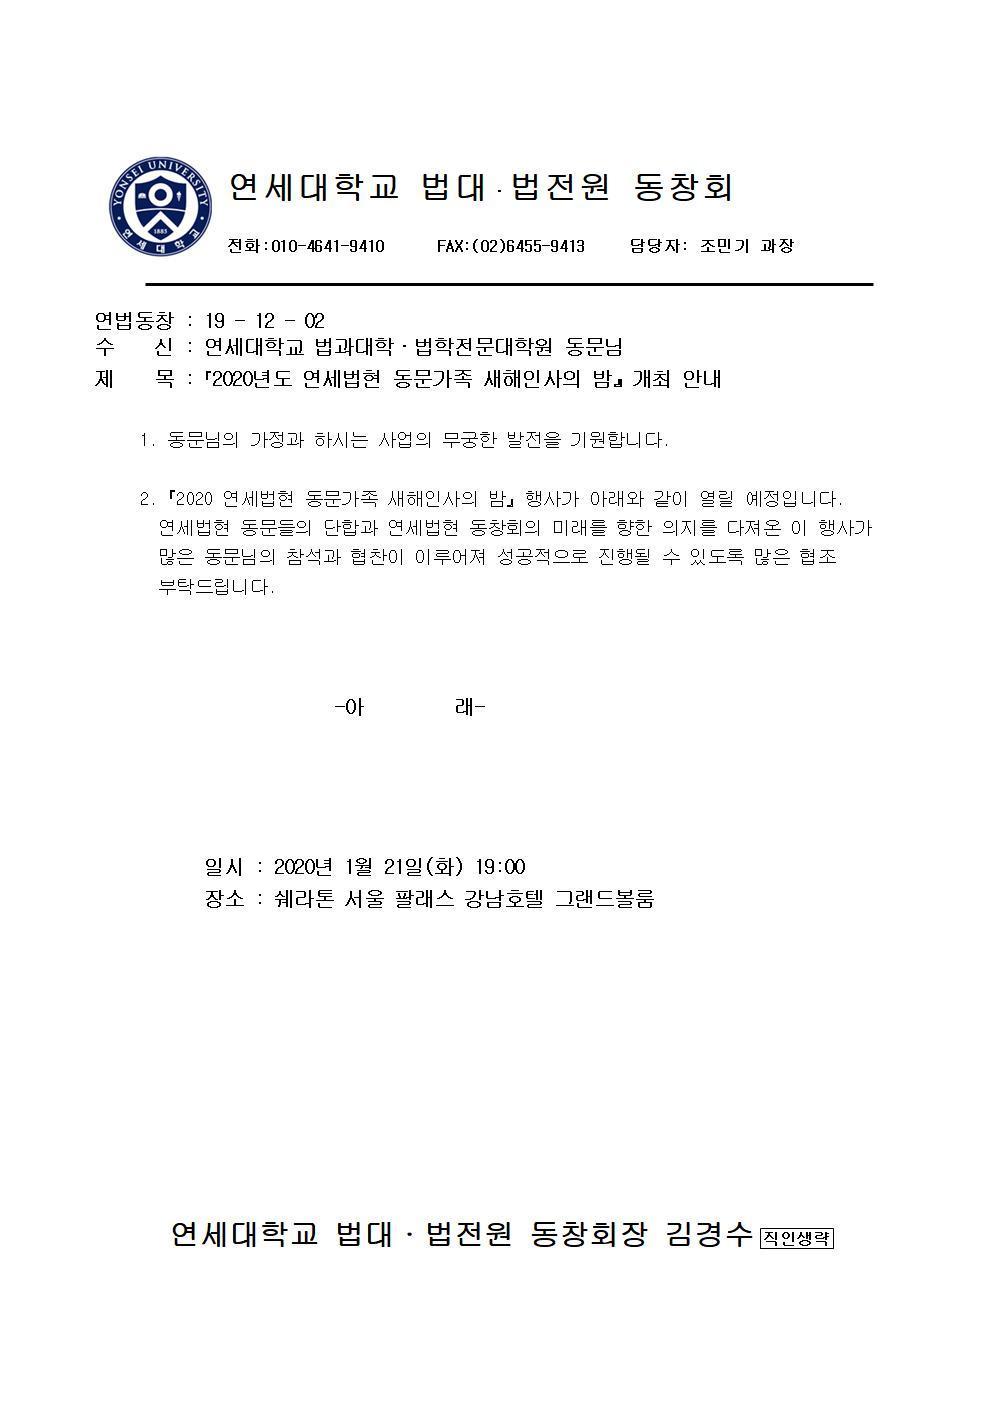 2020 새해인사의밤 개최안내공문_191202001.jpg